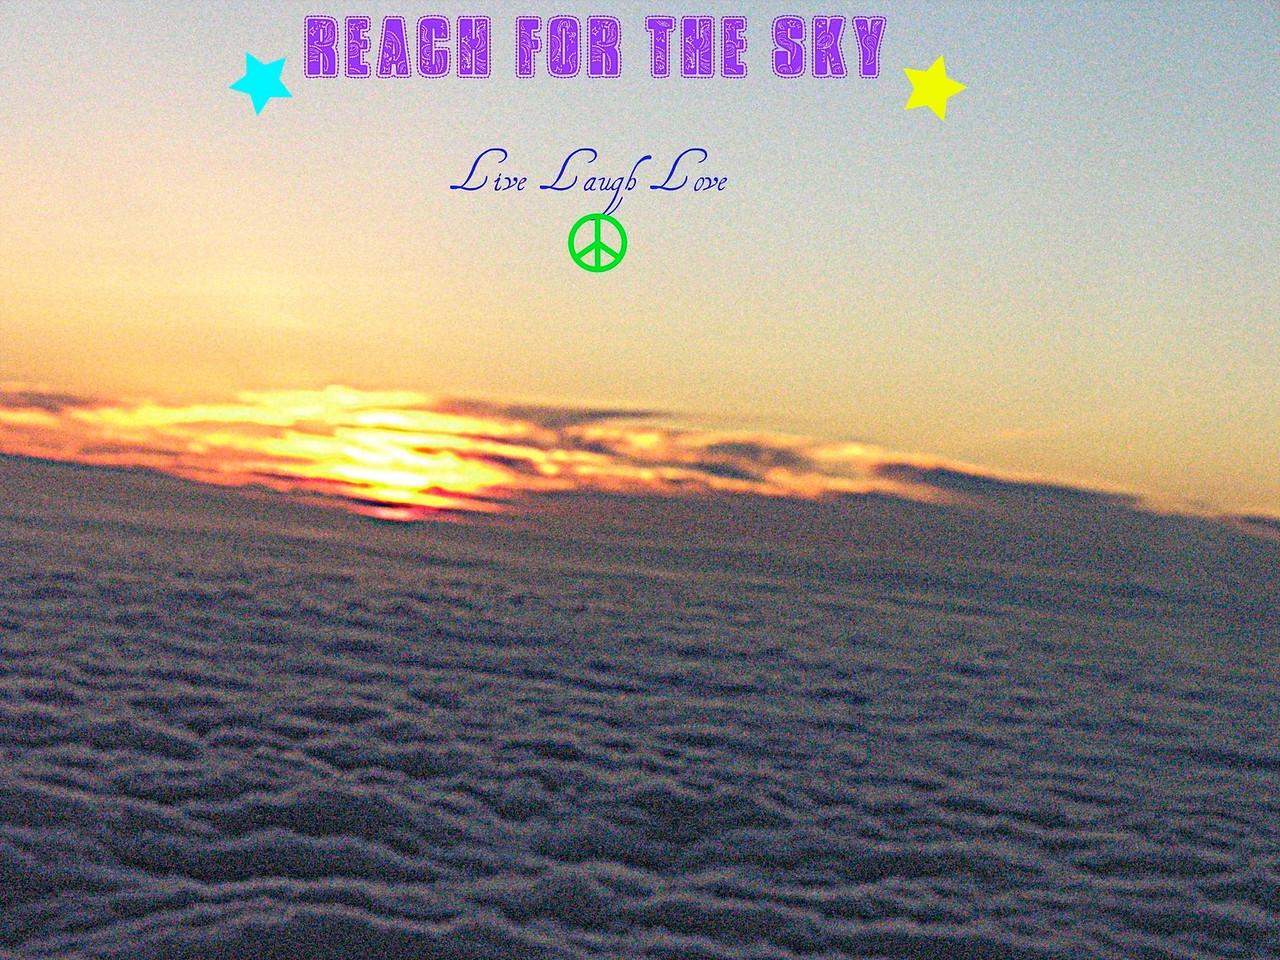 Clouds and sun picnik